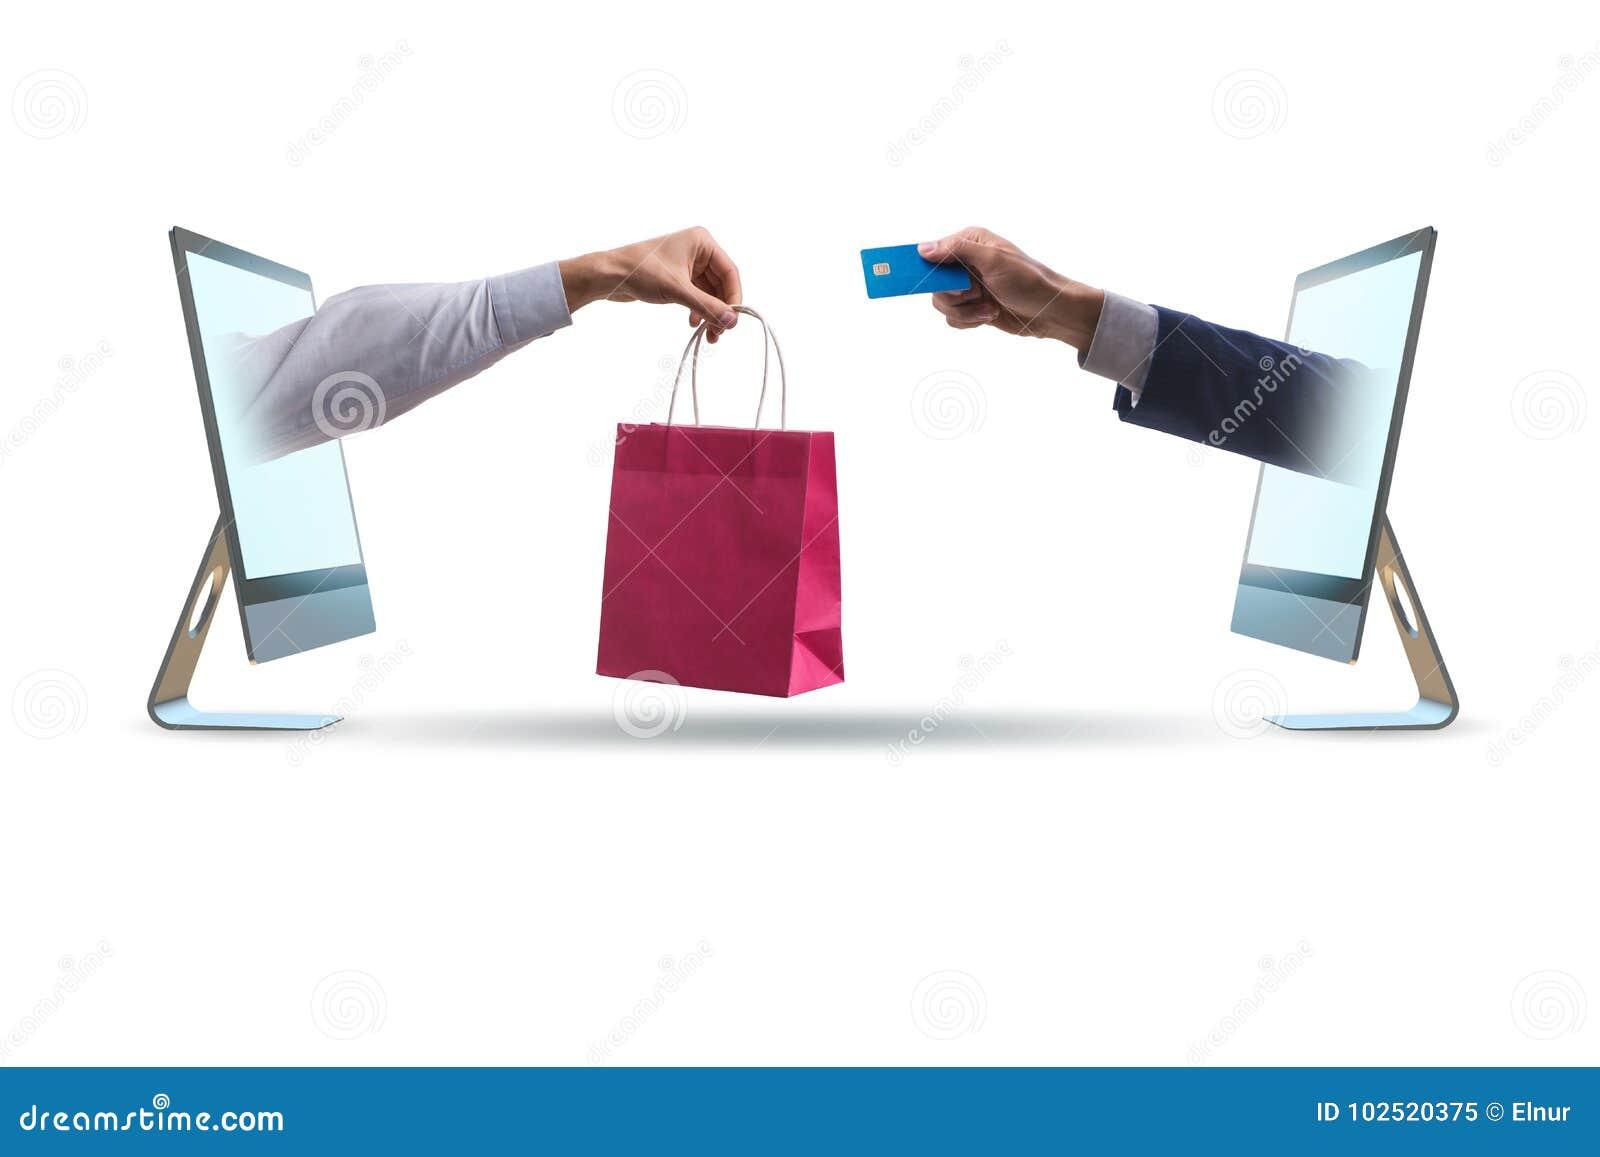 Онлайн покупки через покупать от интернета